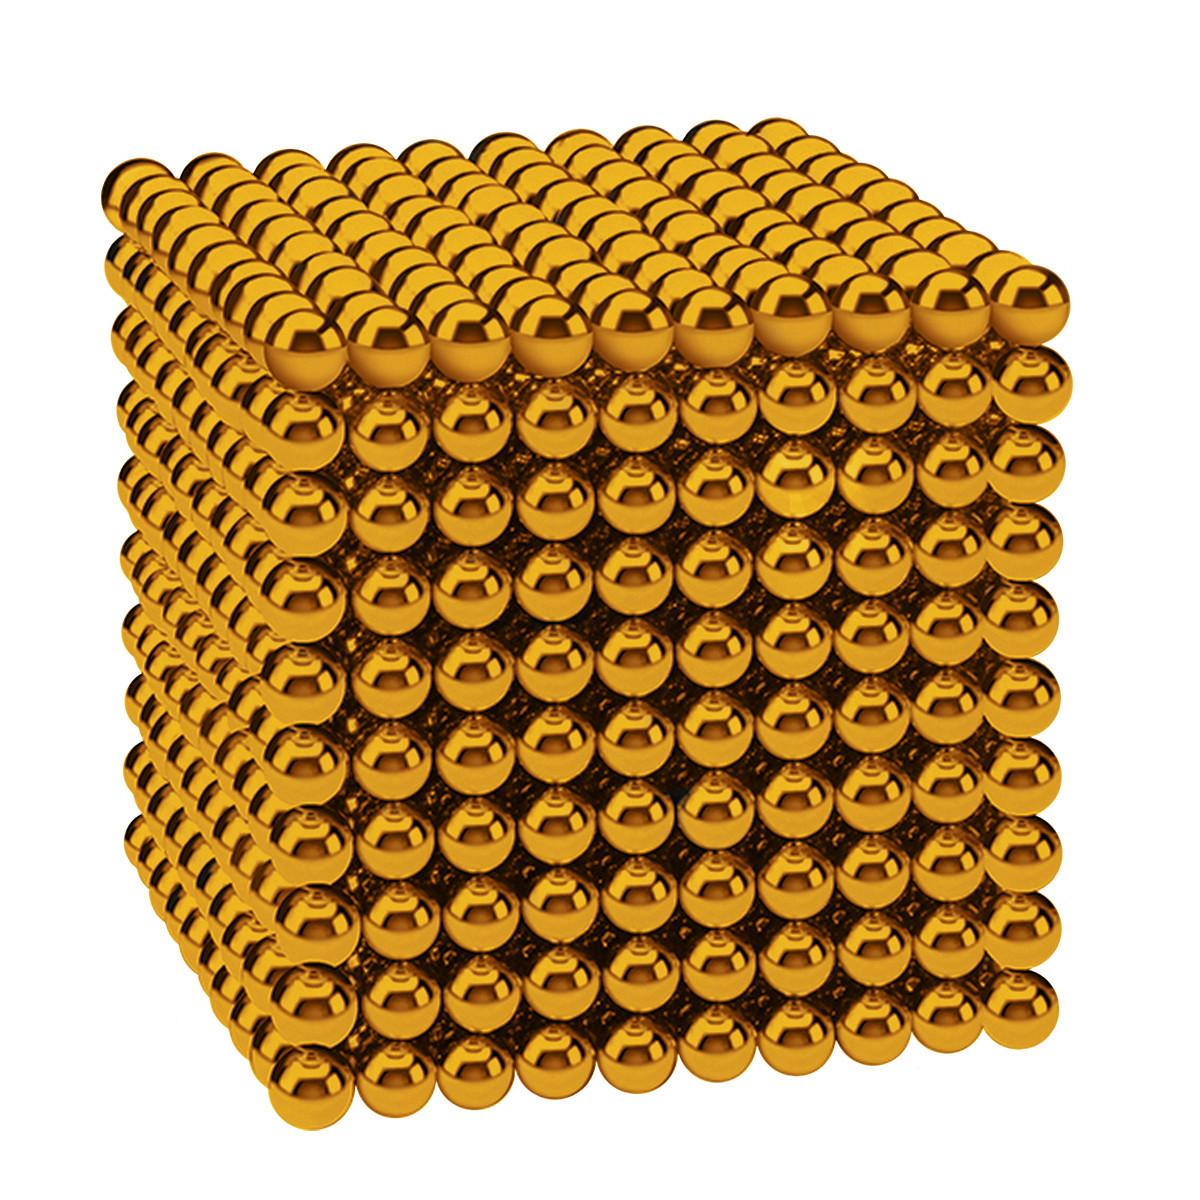 Магнітні кульки-головоломка SKY NEOCUBE (D5) комплект (1000 шт) Gold